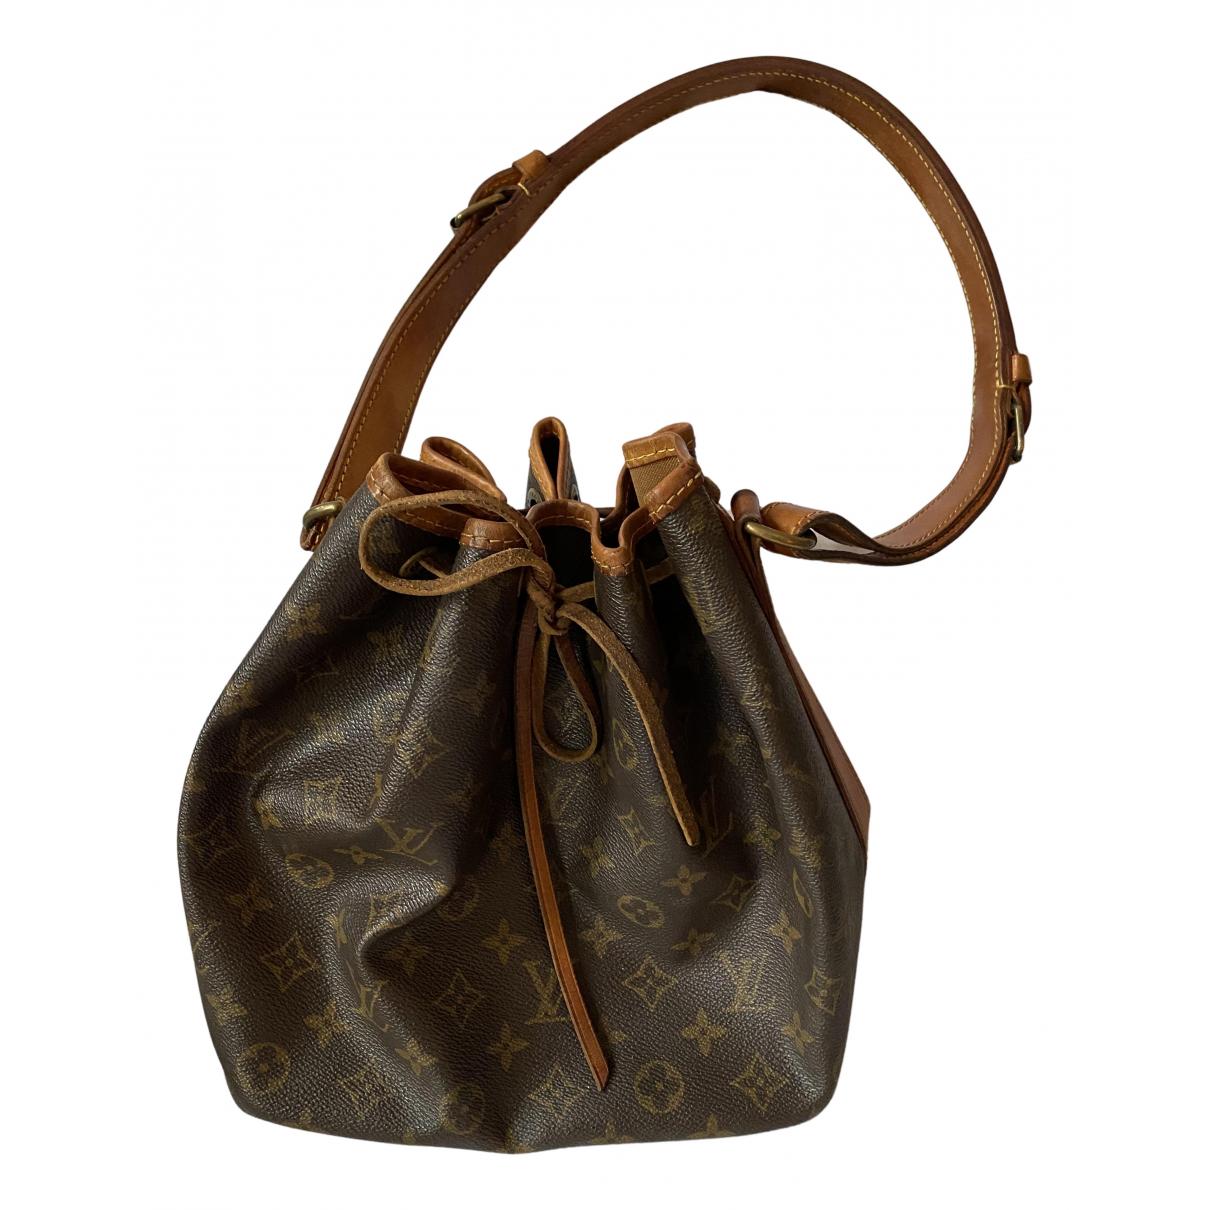 Louis Vuitton - Sac a main Noe pour femme en toile